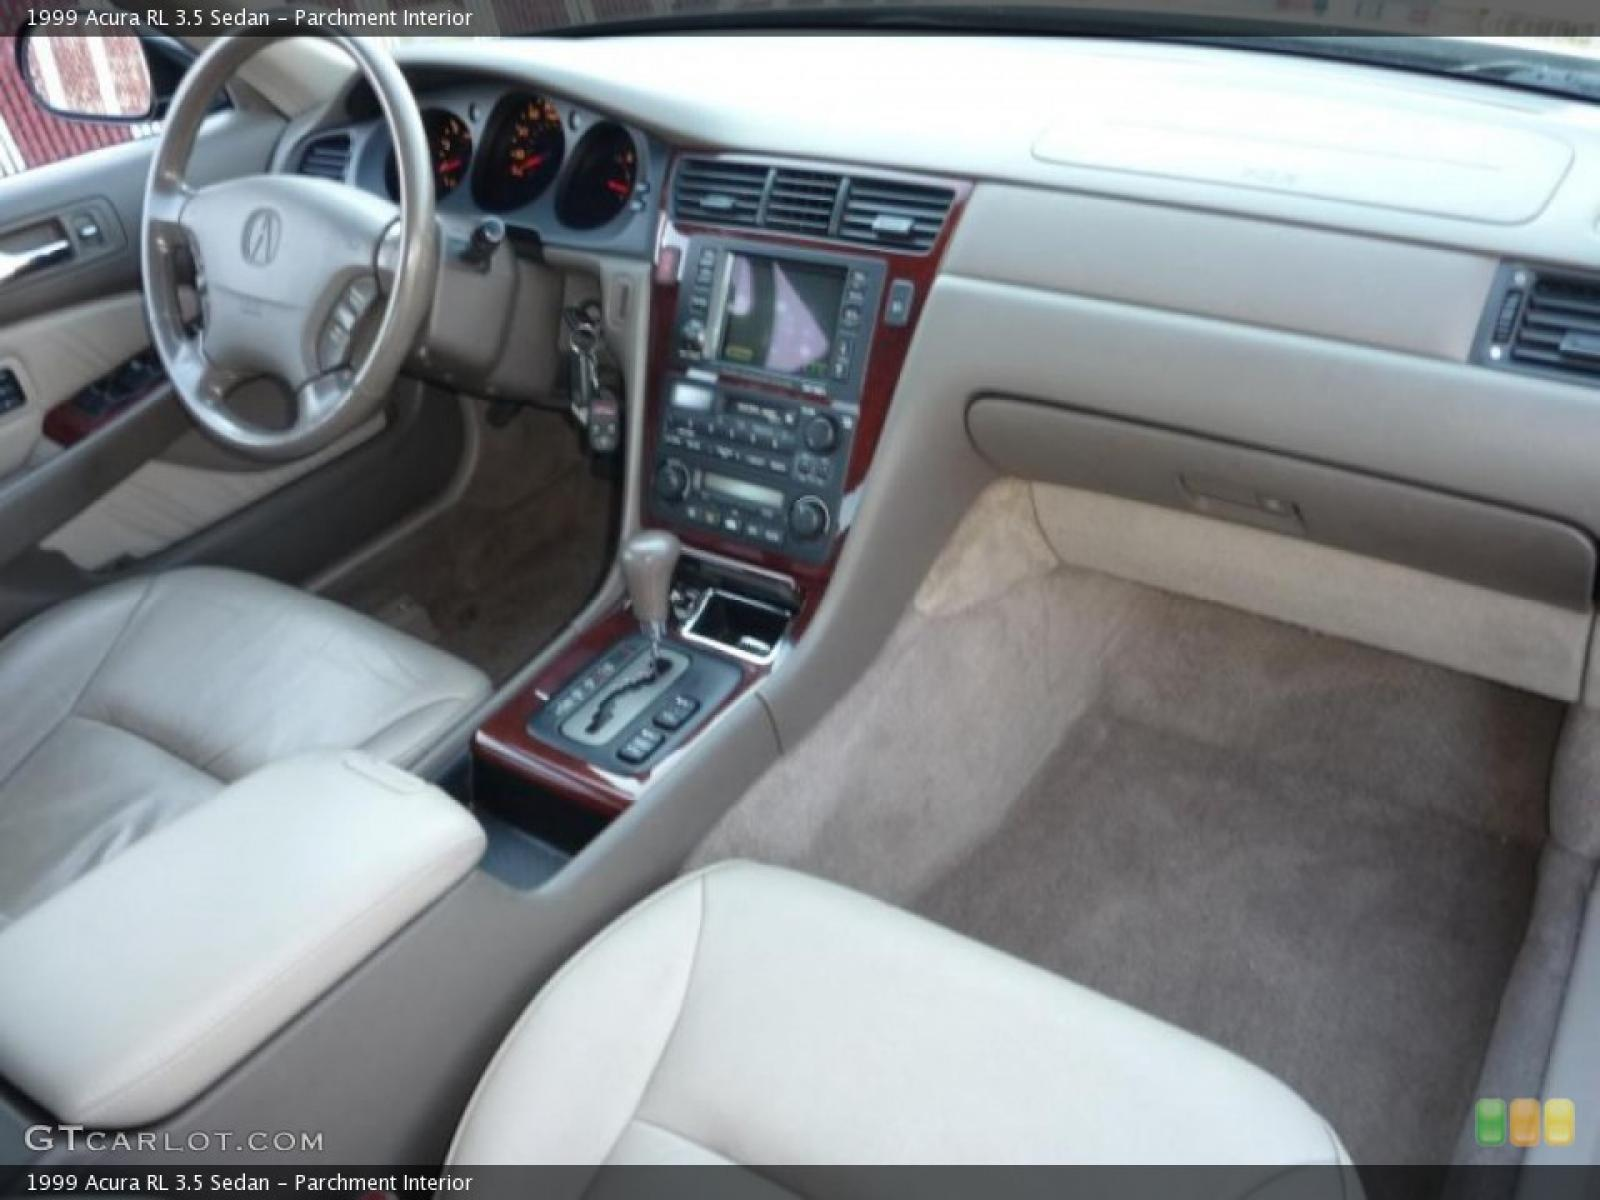 800 1024 1280 1600 Origin 1999 Acura RL